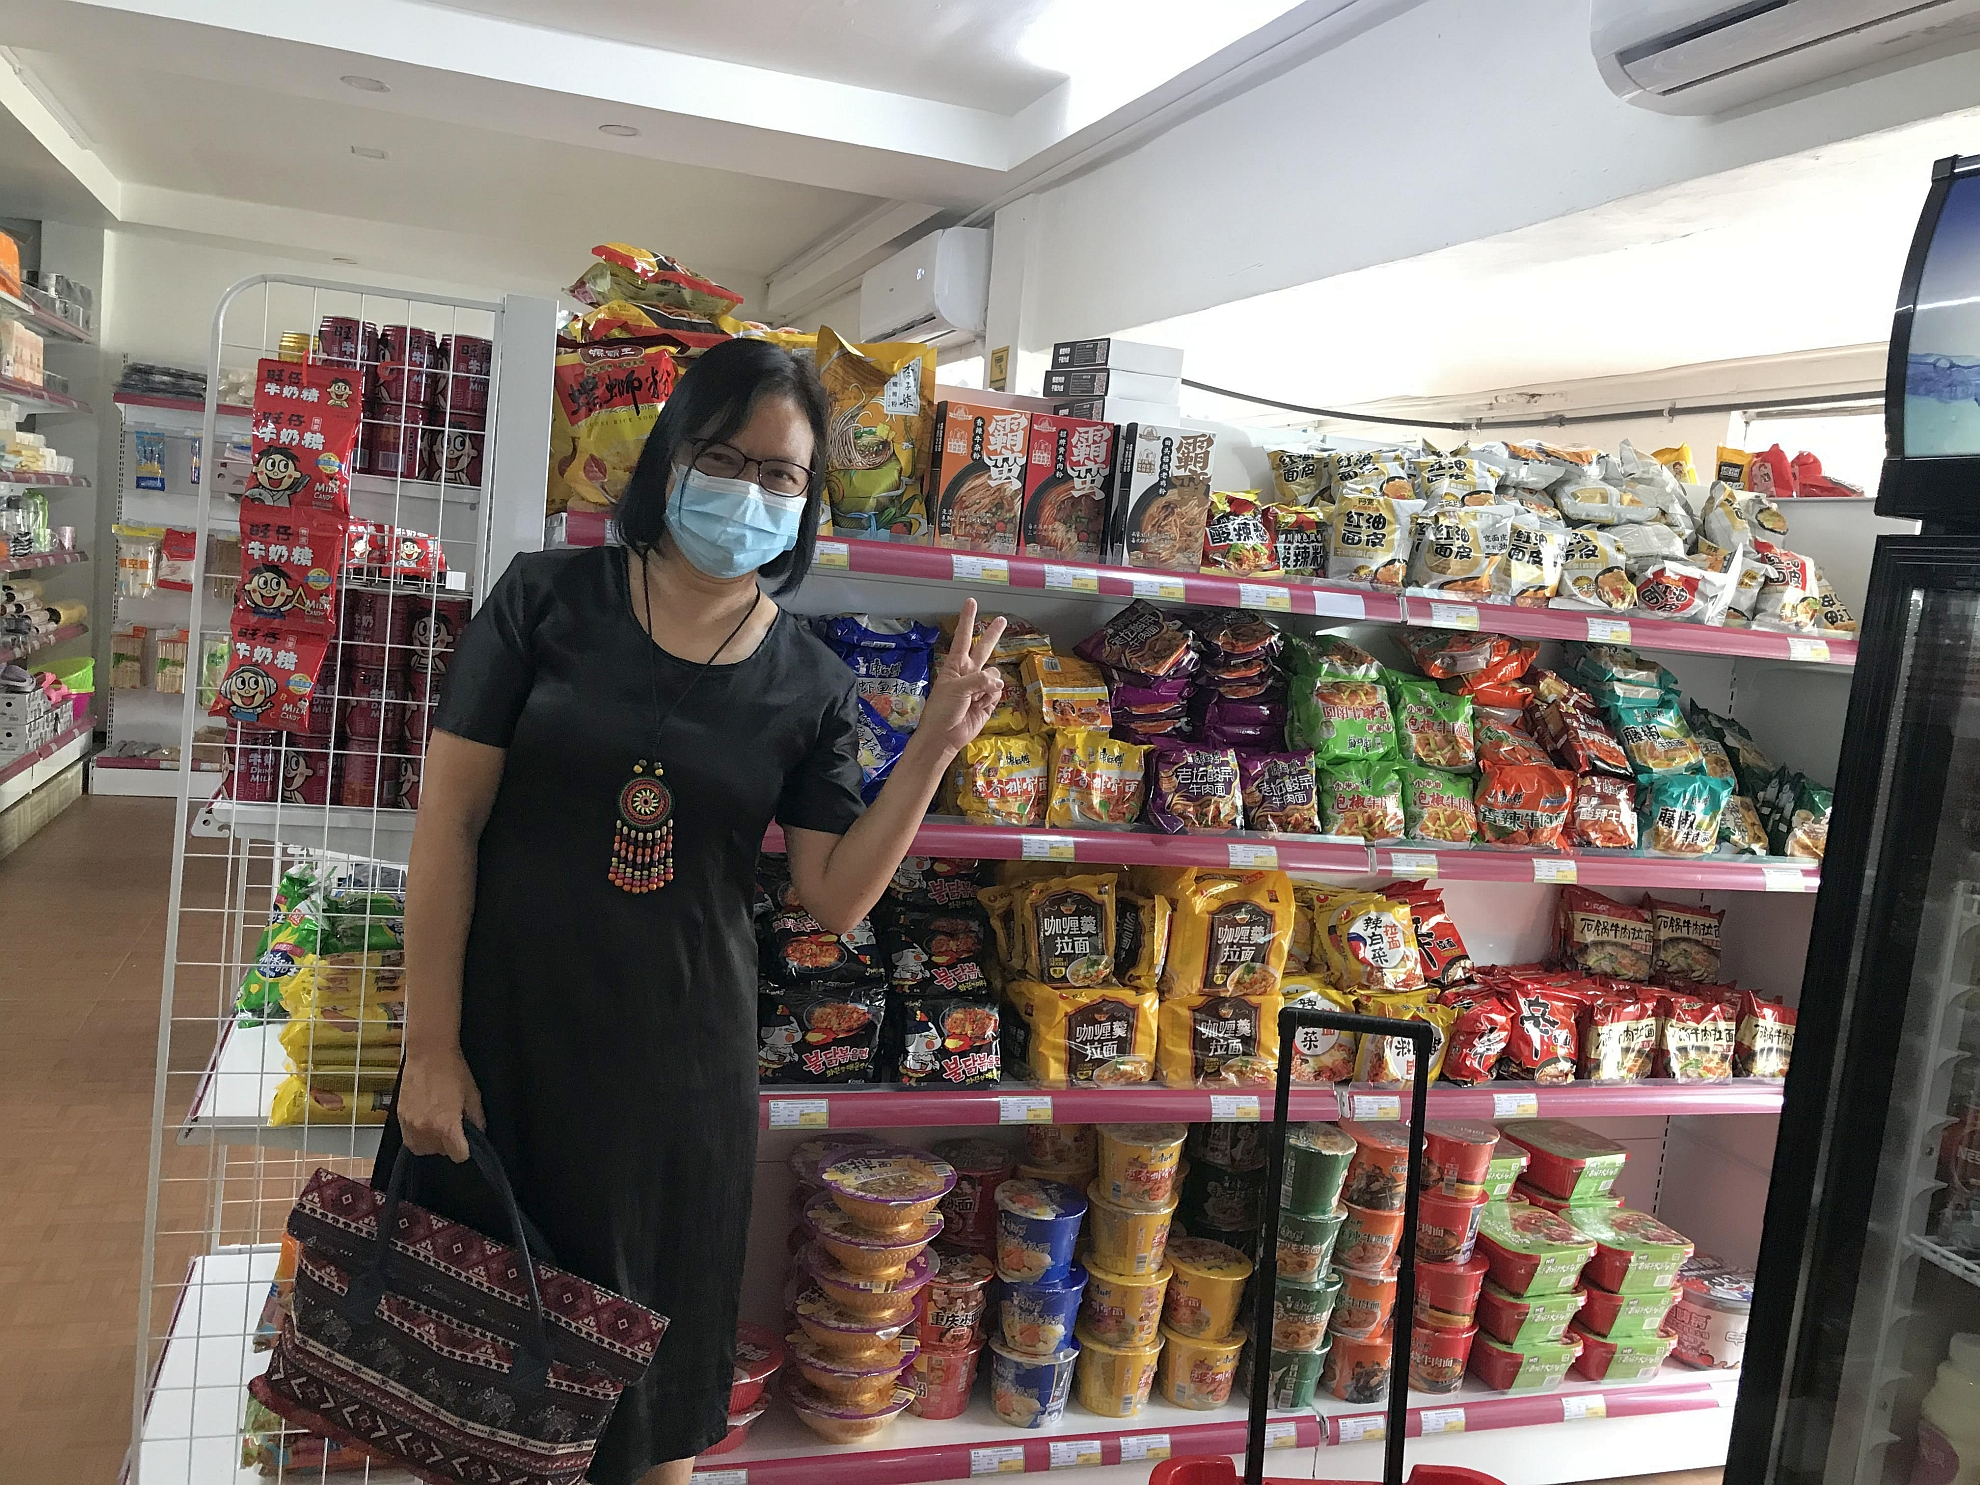 探訪華人超市